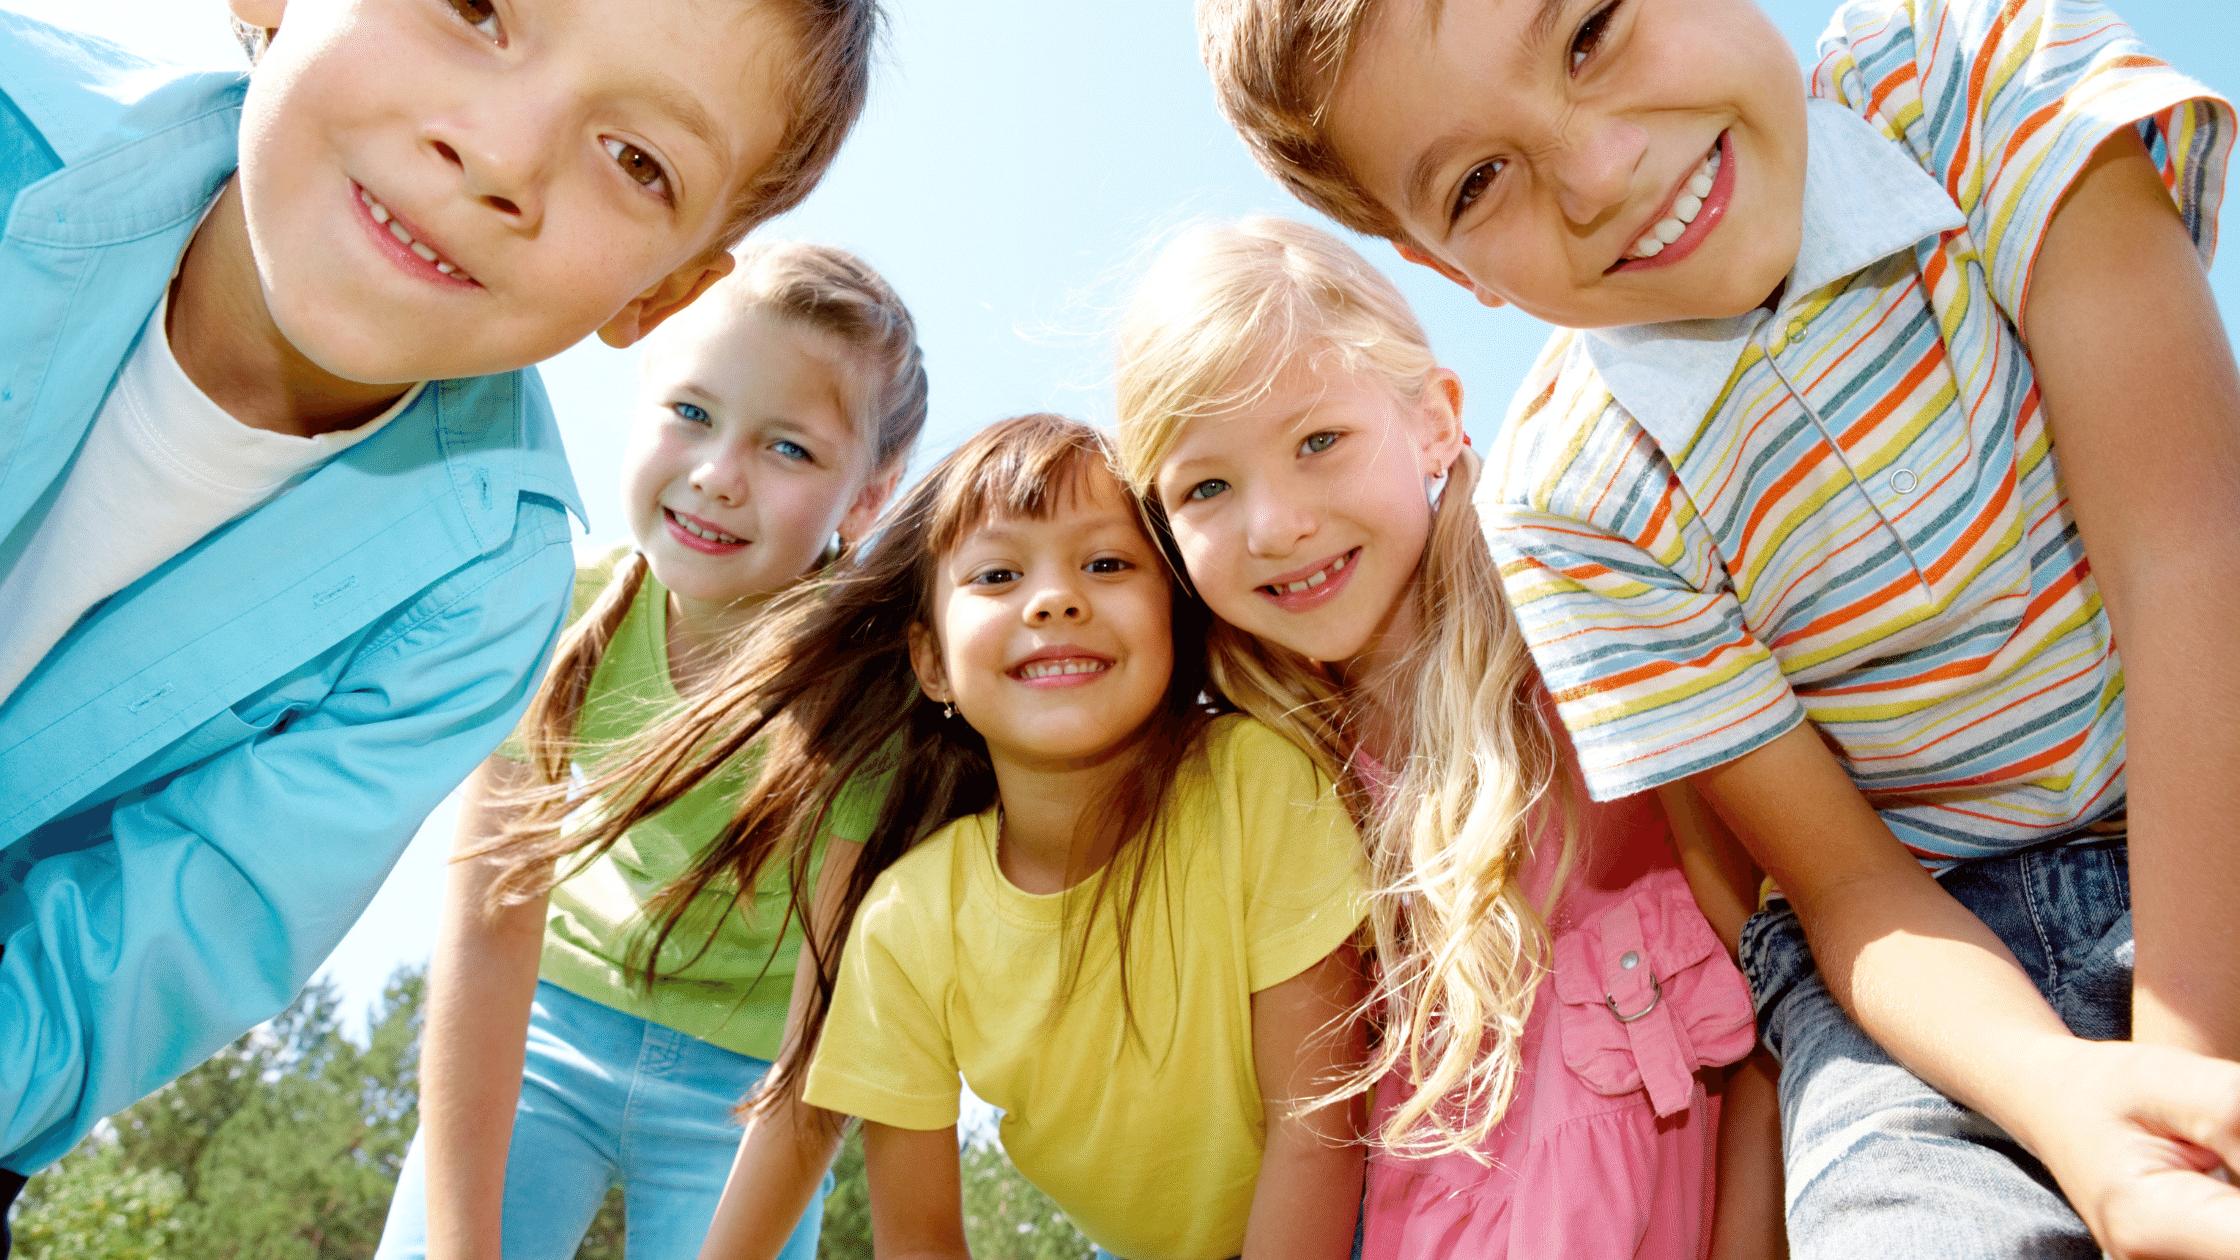 What to tell kids about Coronavirus